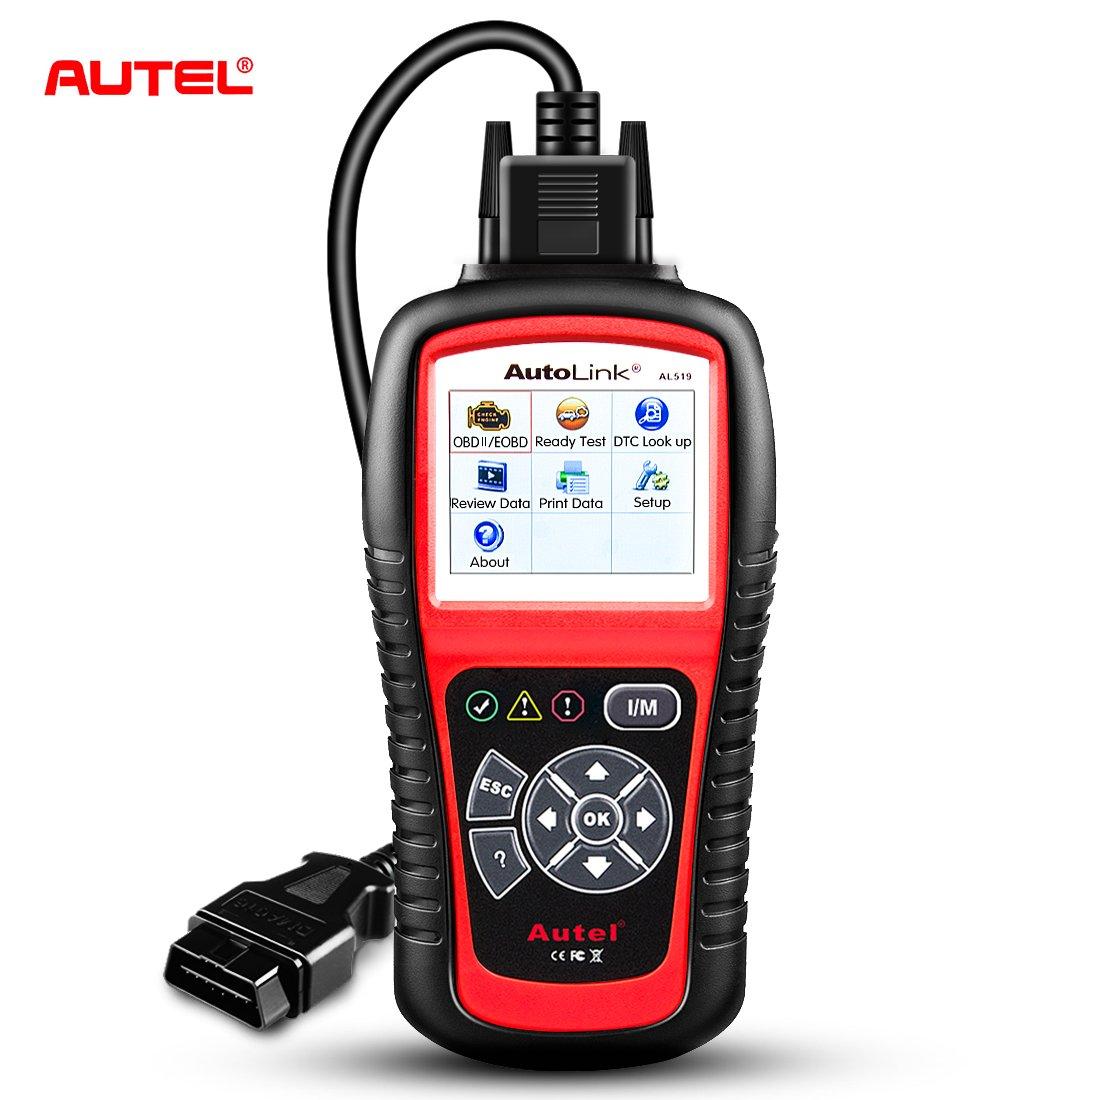 Autel AL519 Car Diagnostic Scanner OBD2 Tool Automotive Machine Engine EOBD Fault Code Reader CAN Vehicle Check tool Since 1996 or Later Autel AutoLink AL519